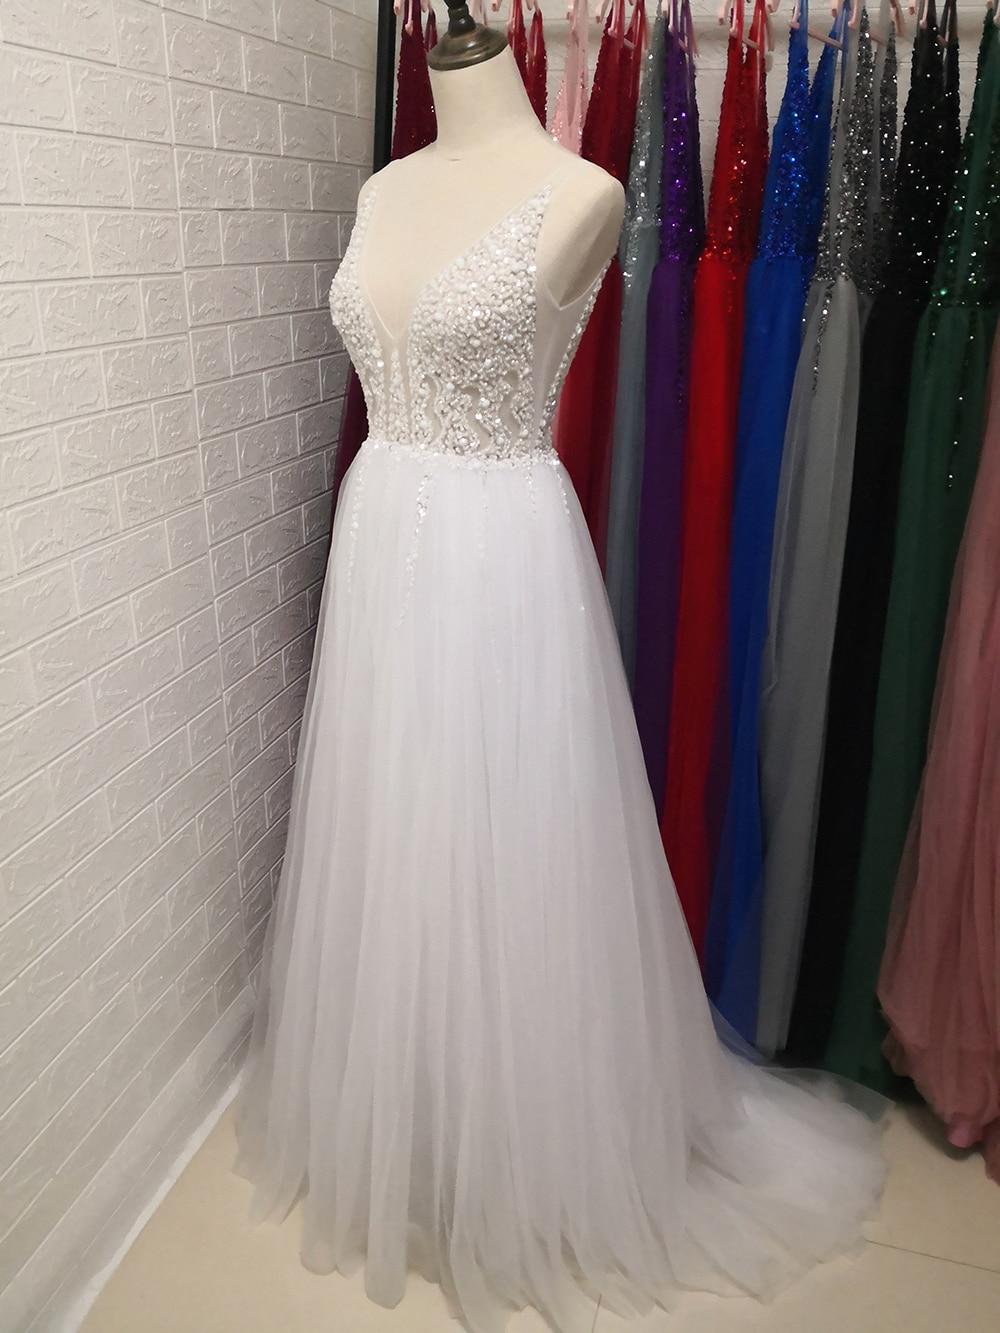 Сексуальное длинное вечернее платье с глубоким v-образным вырезом и разрезом сбоку, Новое поступление года, блестящее платье с высоким разрезом и открытой спиной, Abendkleider Lang - Цвет: Белый